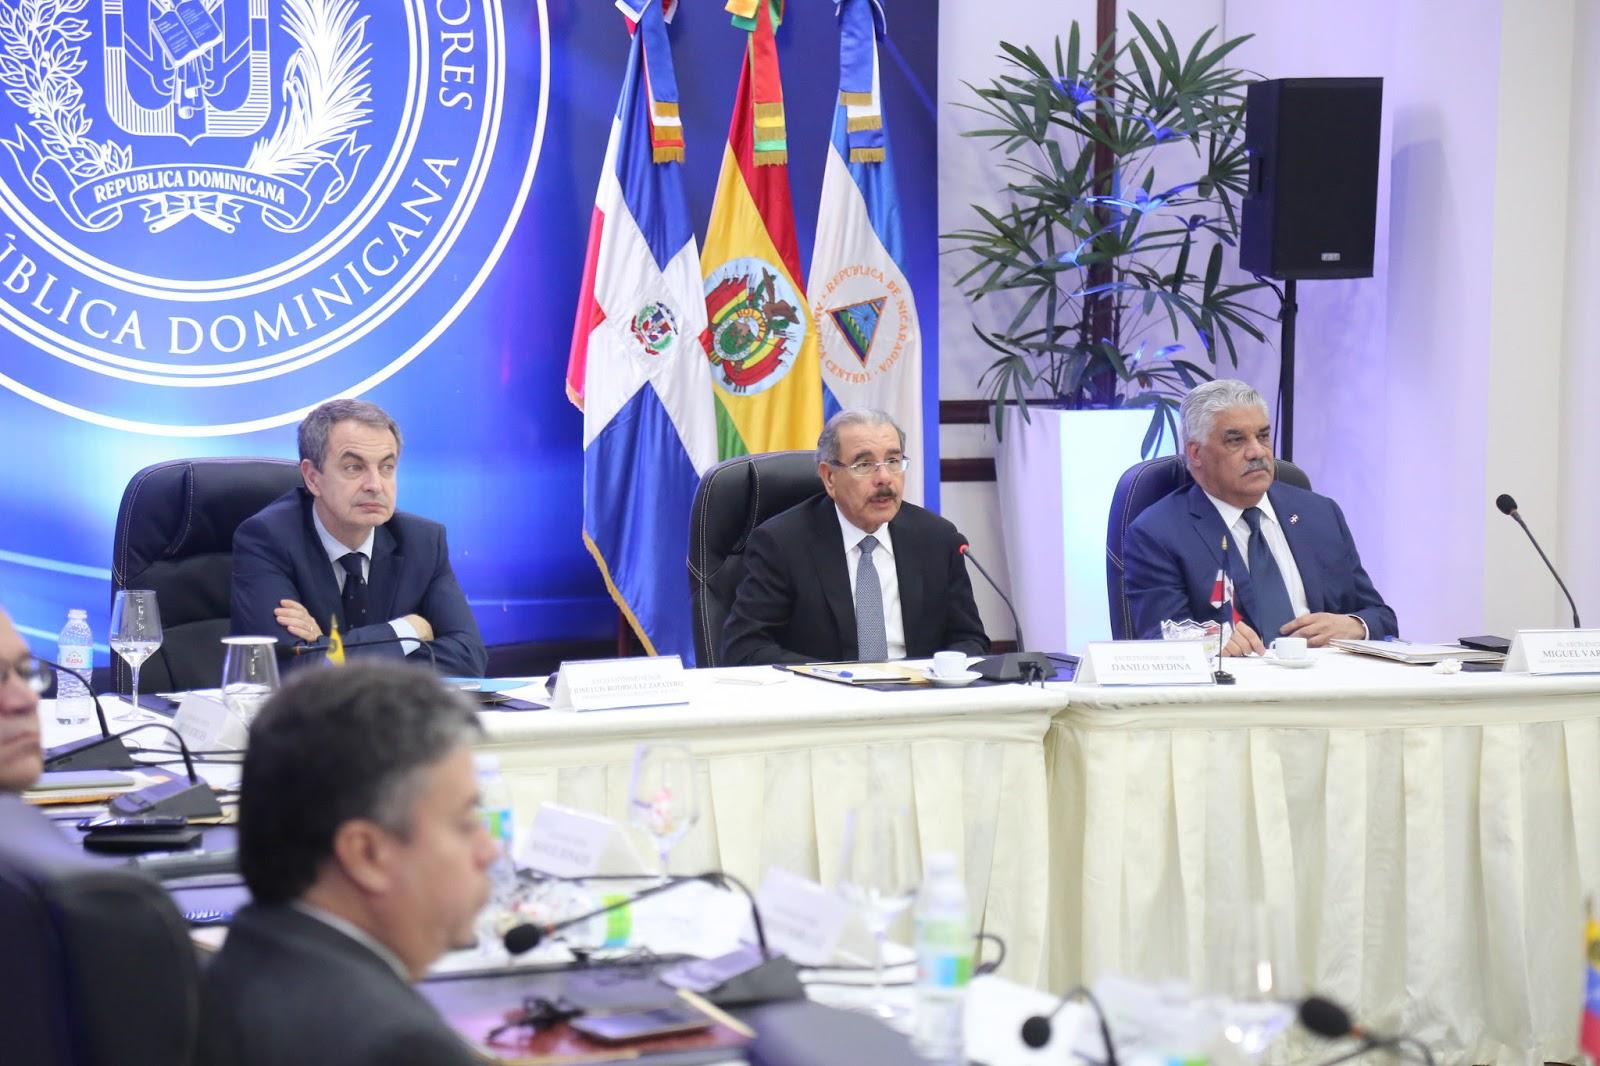 VIDEO: Diálogo Venezuela: partes reciben documento para observaciones; proceso se reanuda este miércoles